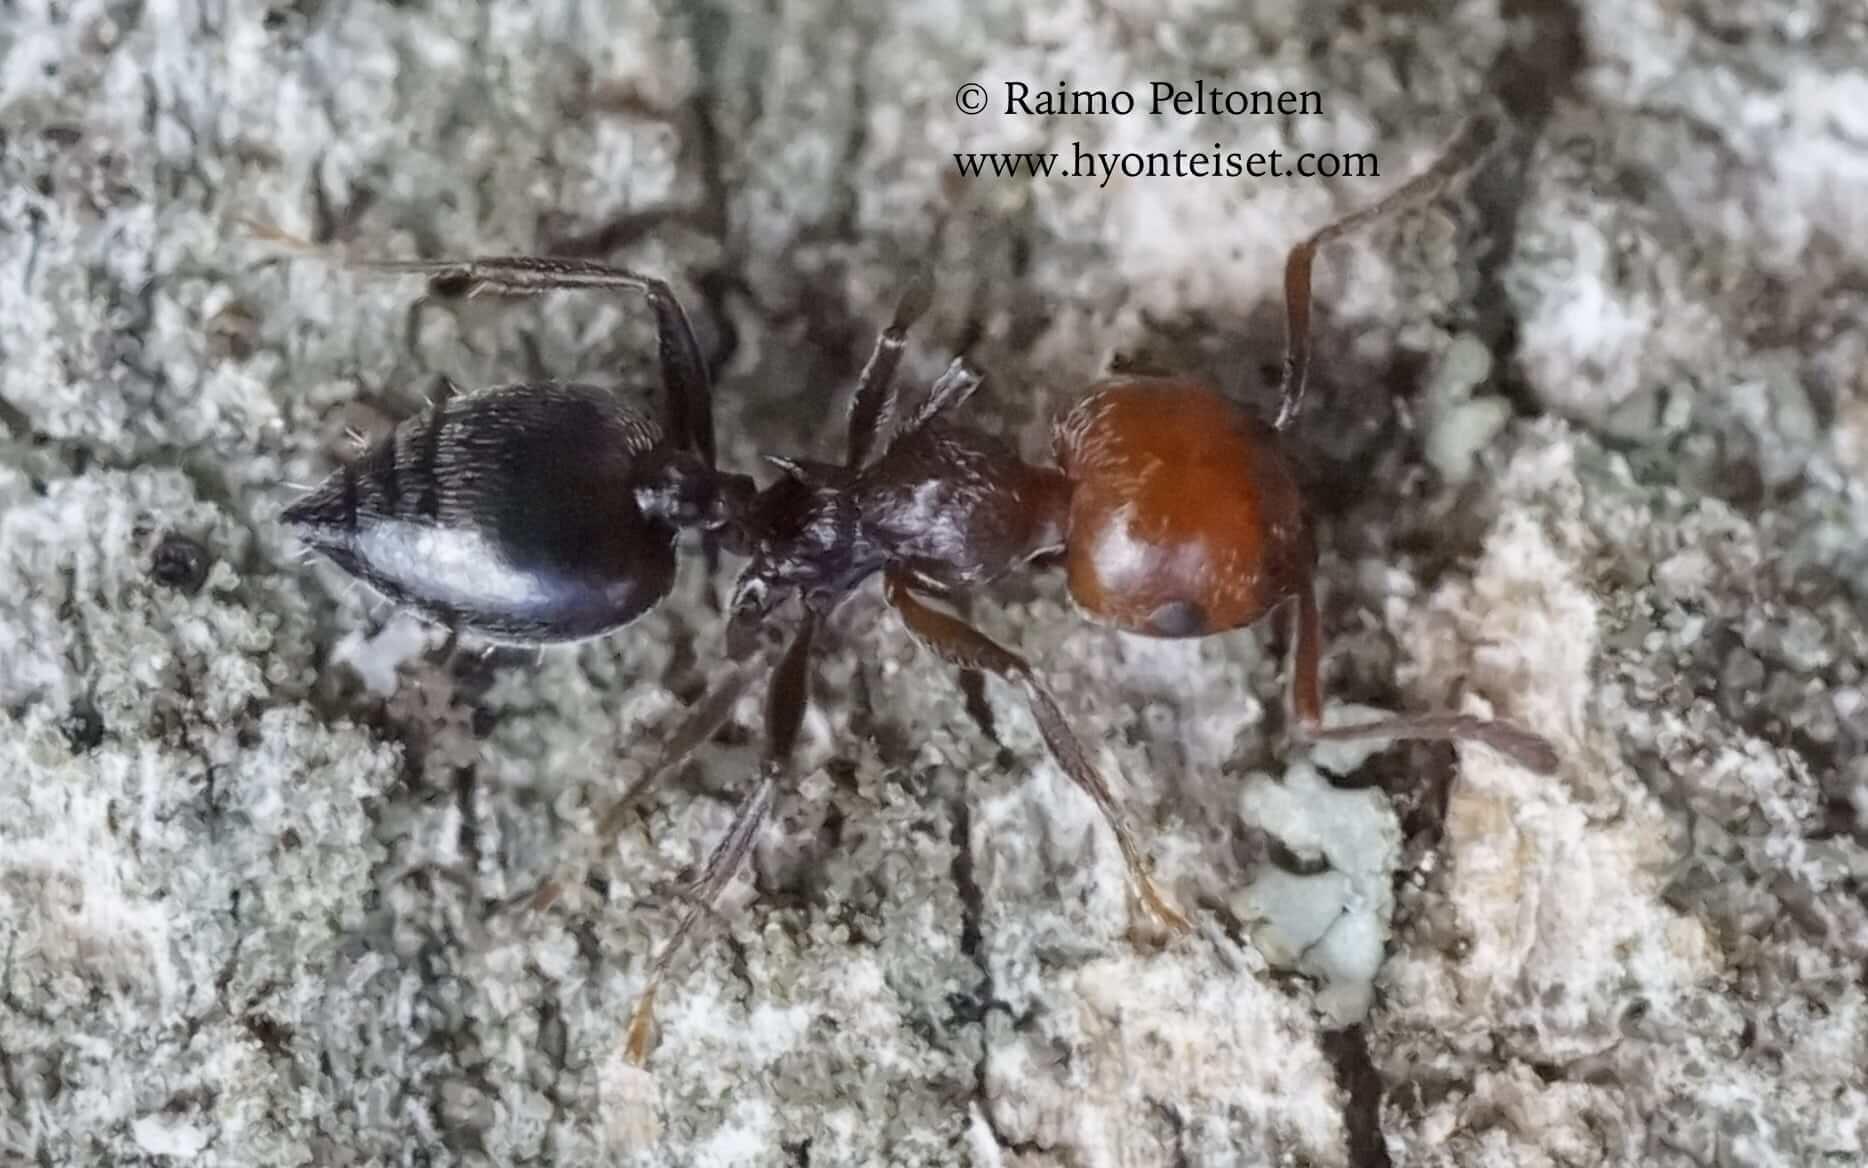 Crematocerus scutellaris (Formicidae), 10.10.2016 ITALIA